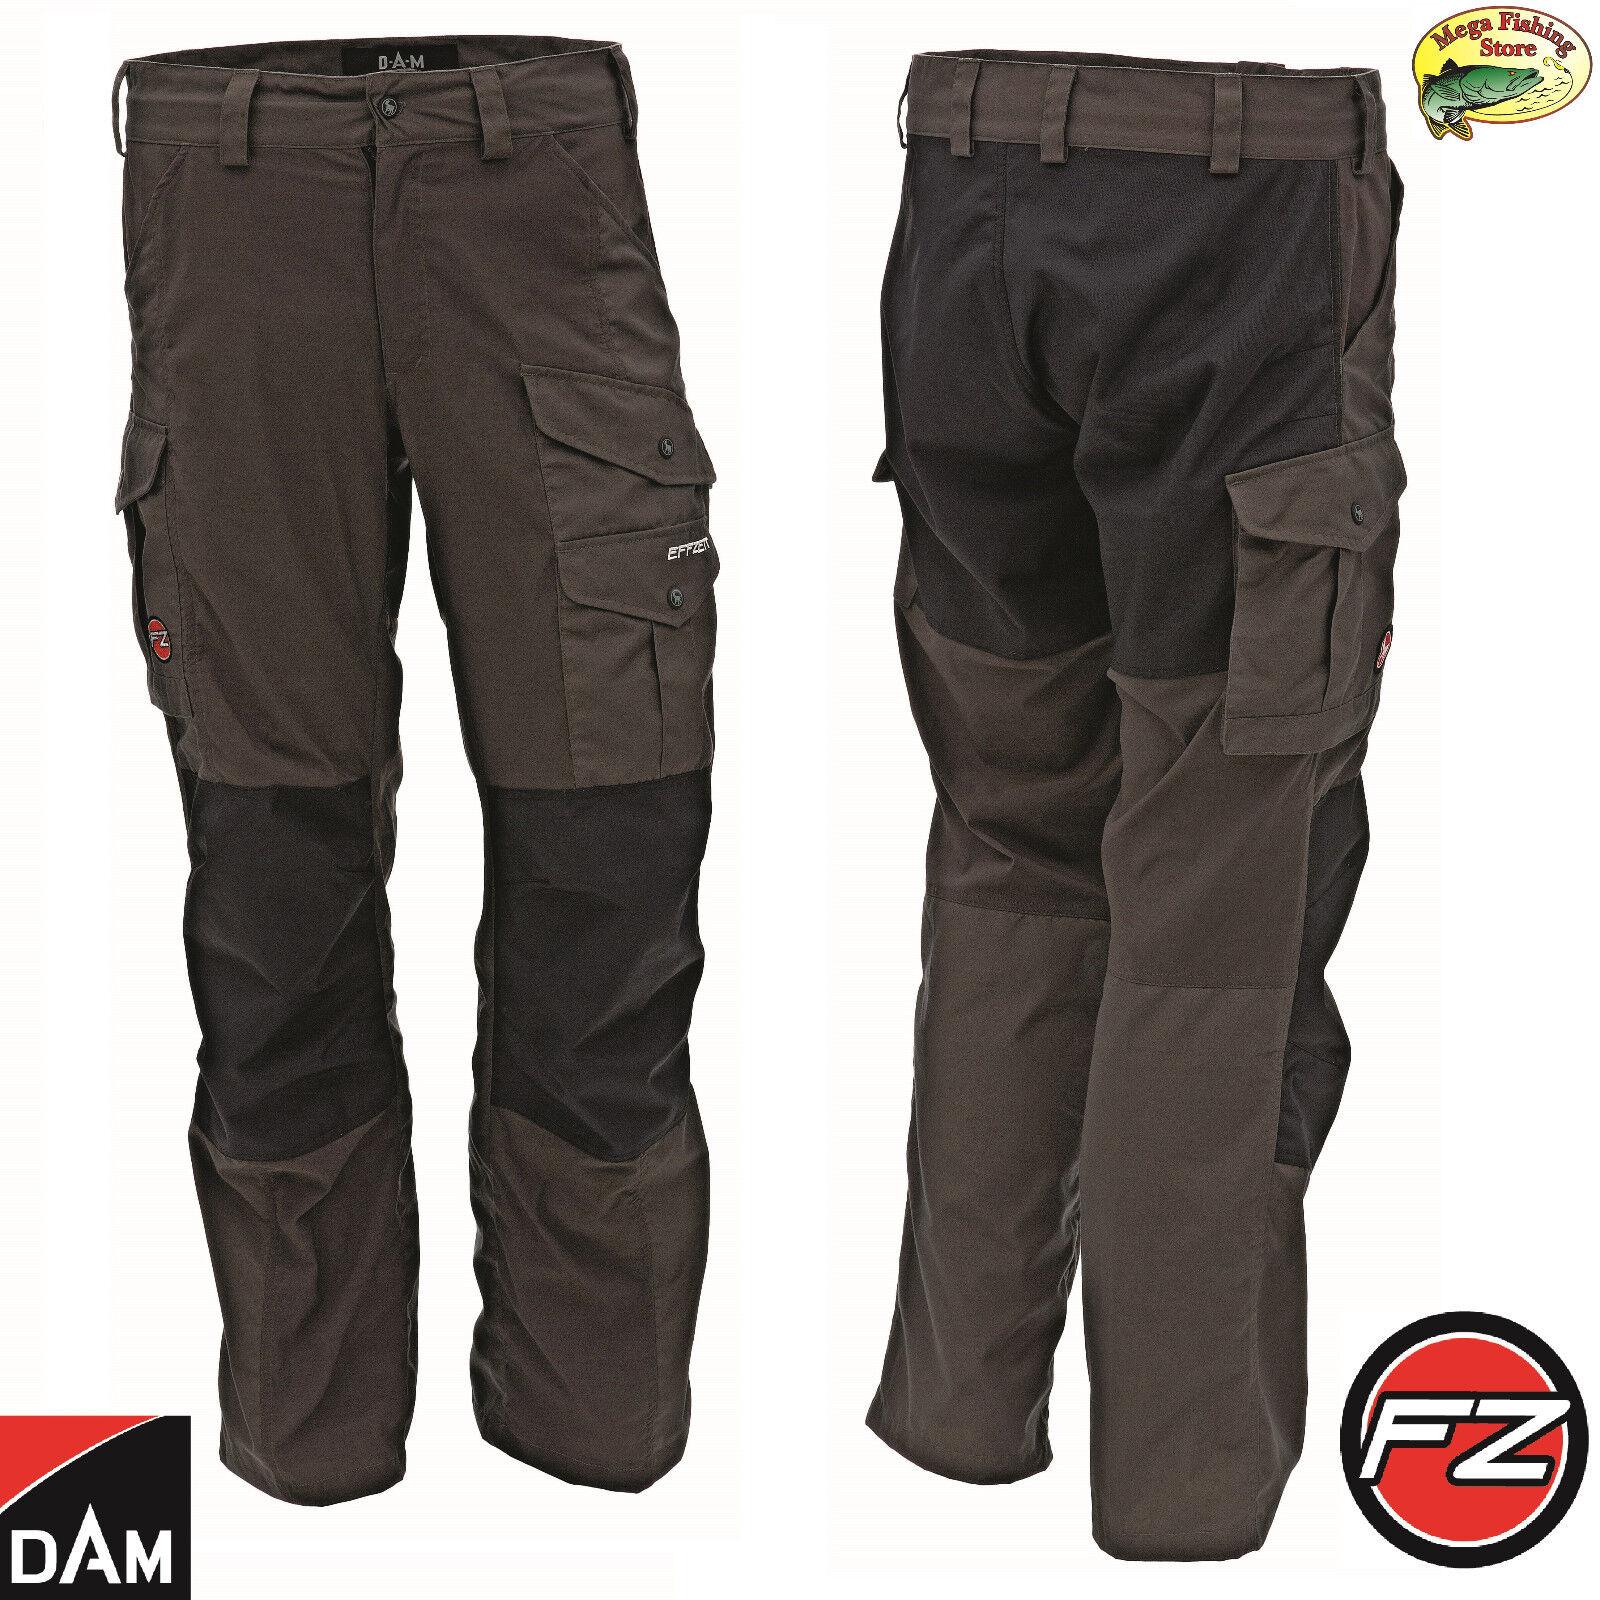 Dam Effzett Combat Trousers L günstig kaufen  42a112f68f014